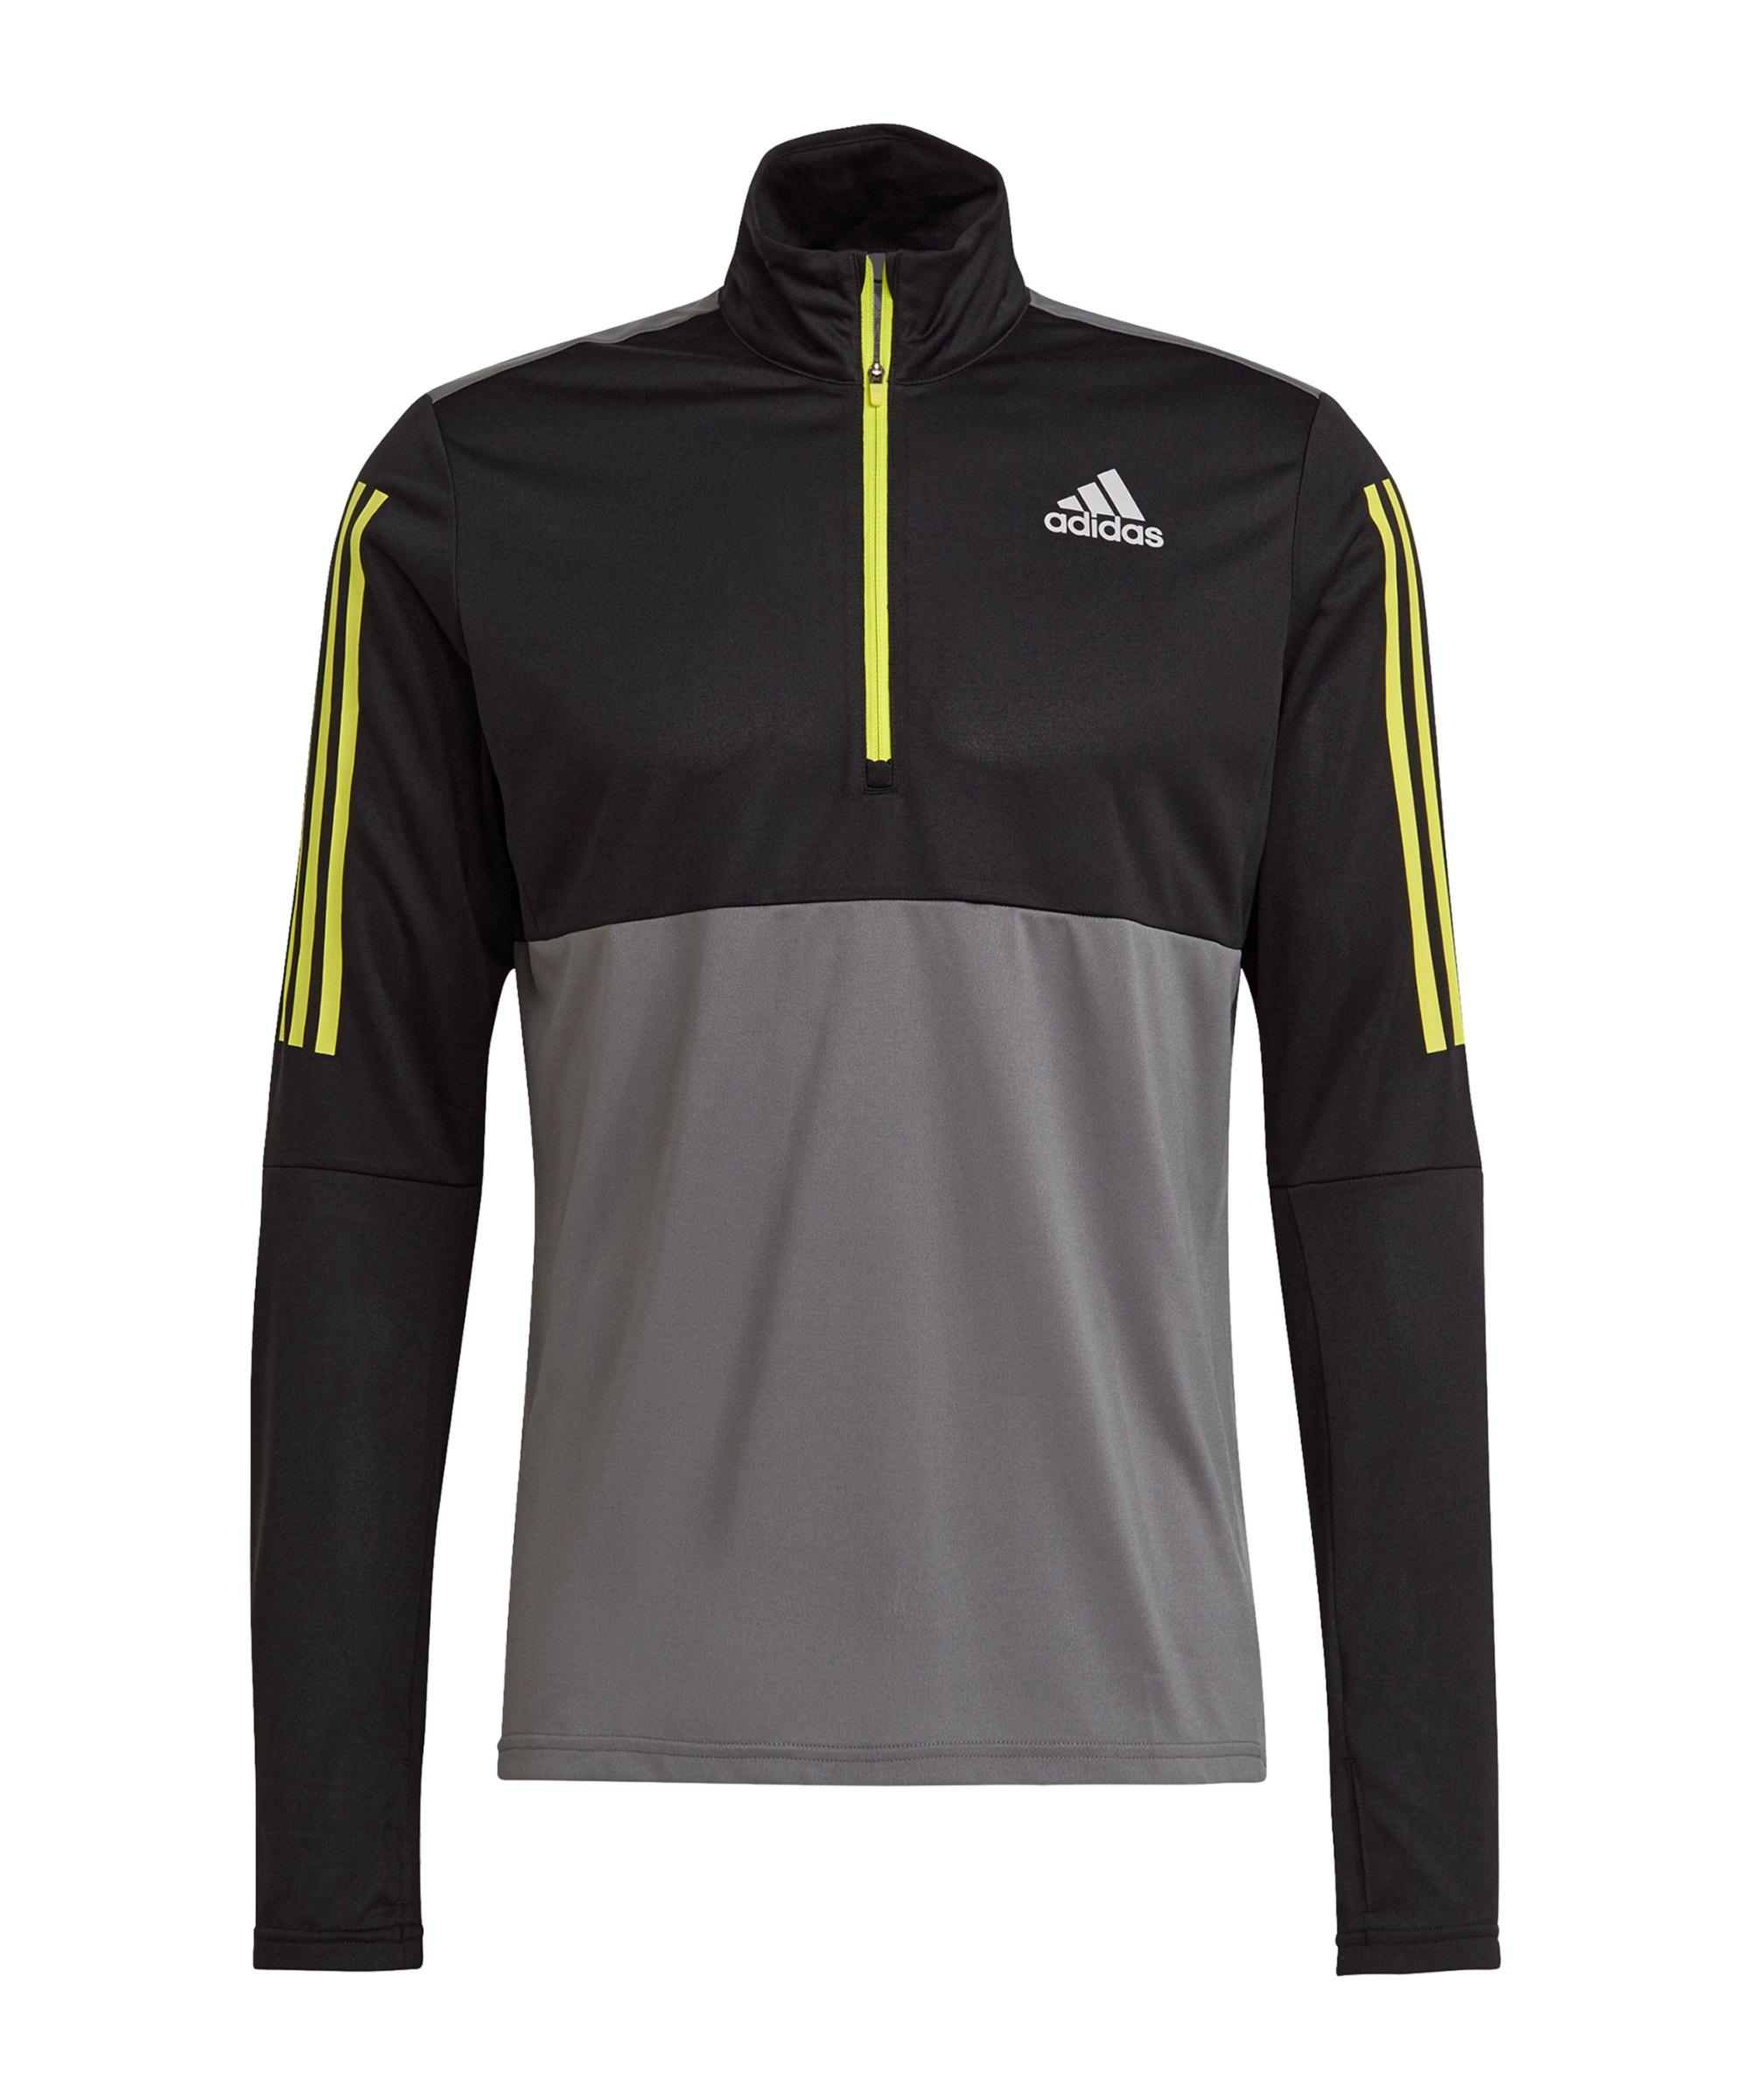 adidas Own The Run Drilltop Running Schwarz Grau - schwarz